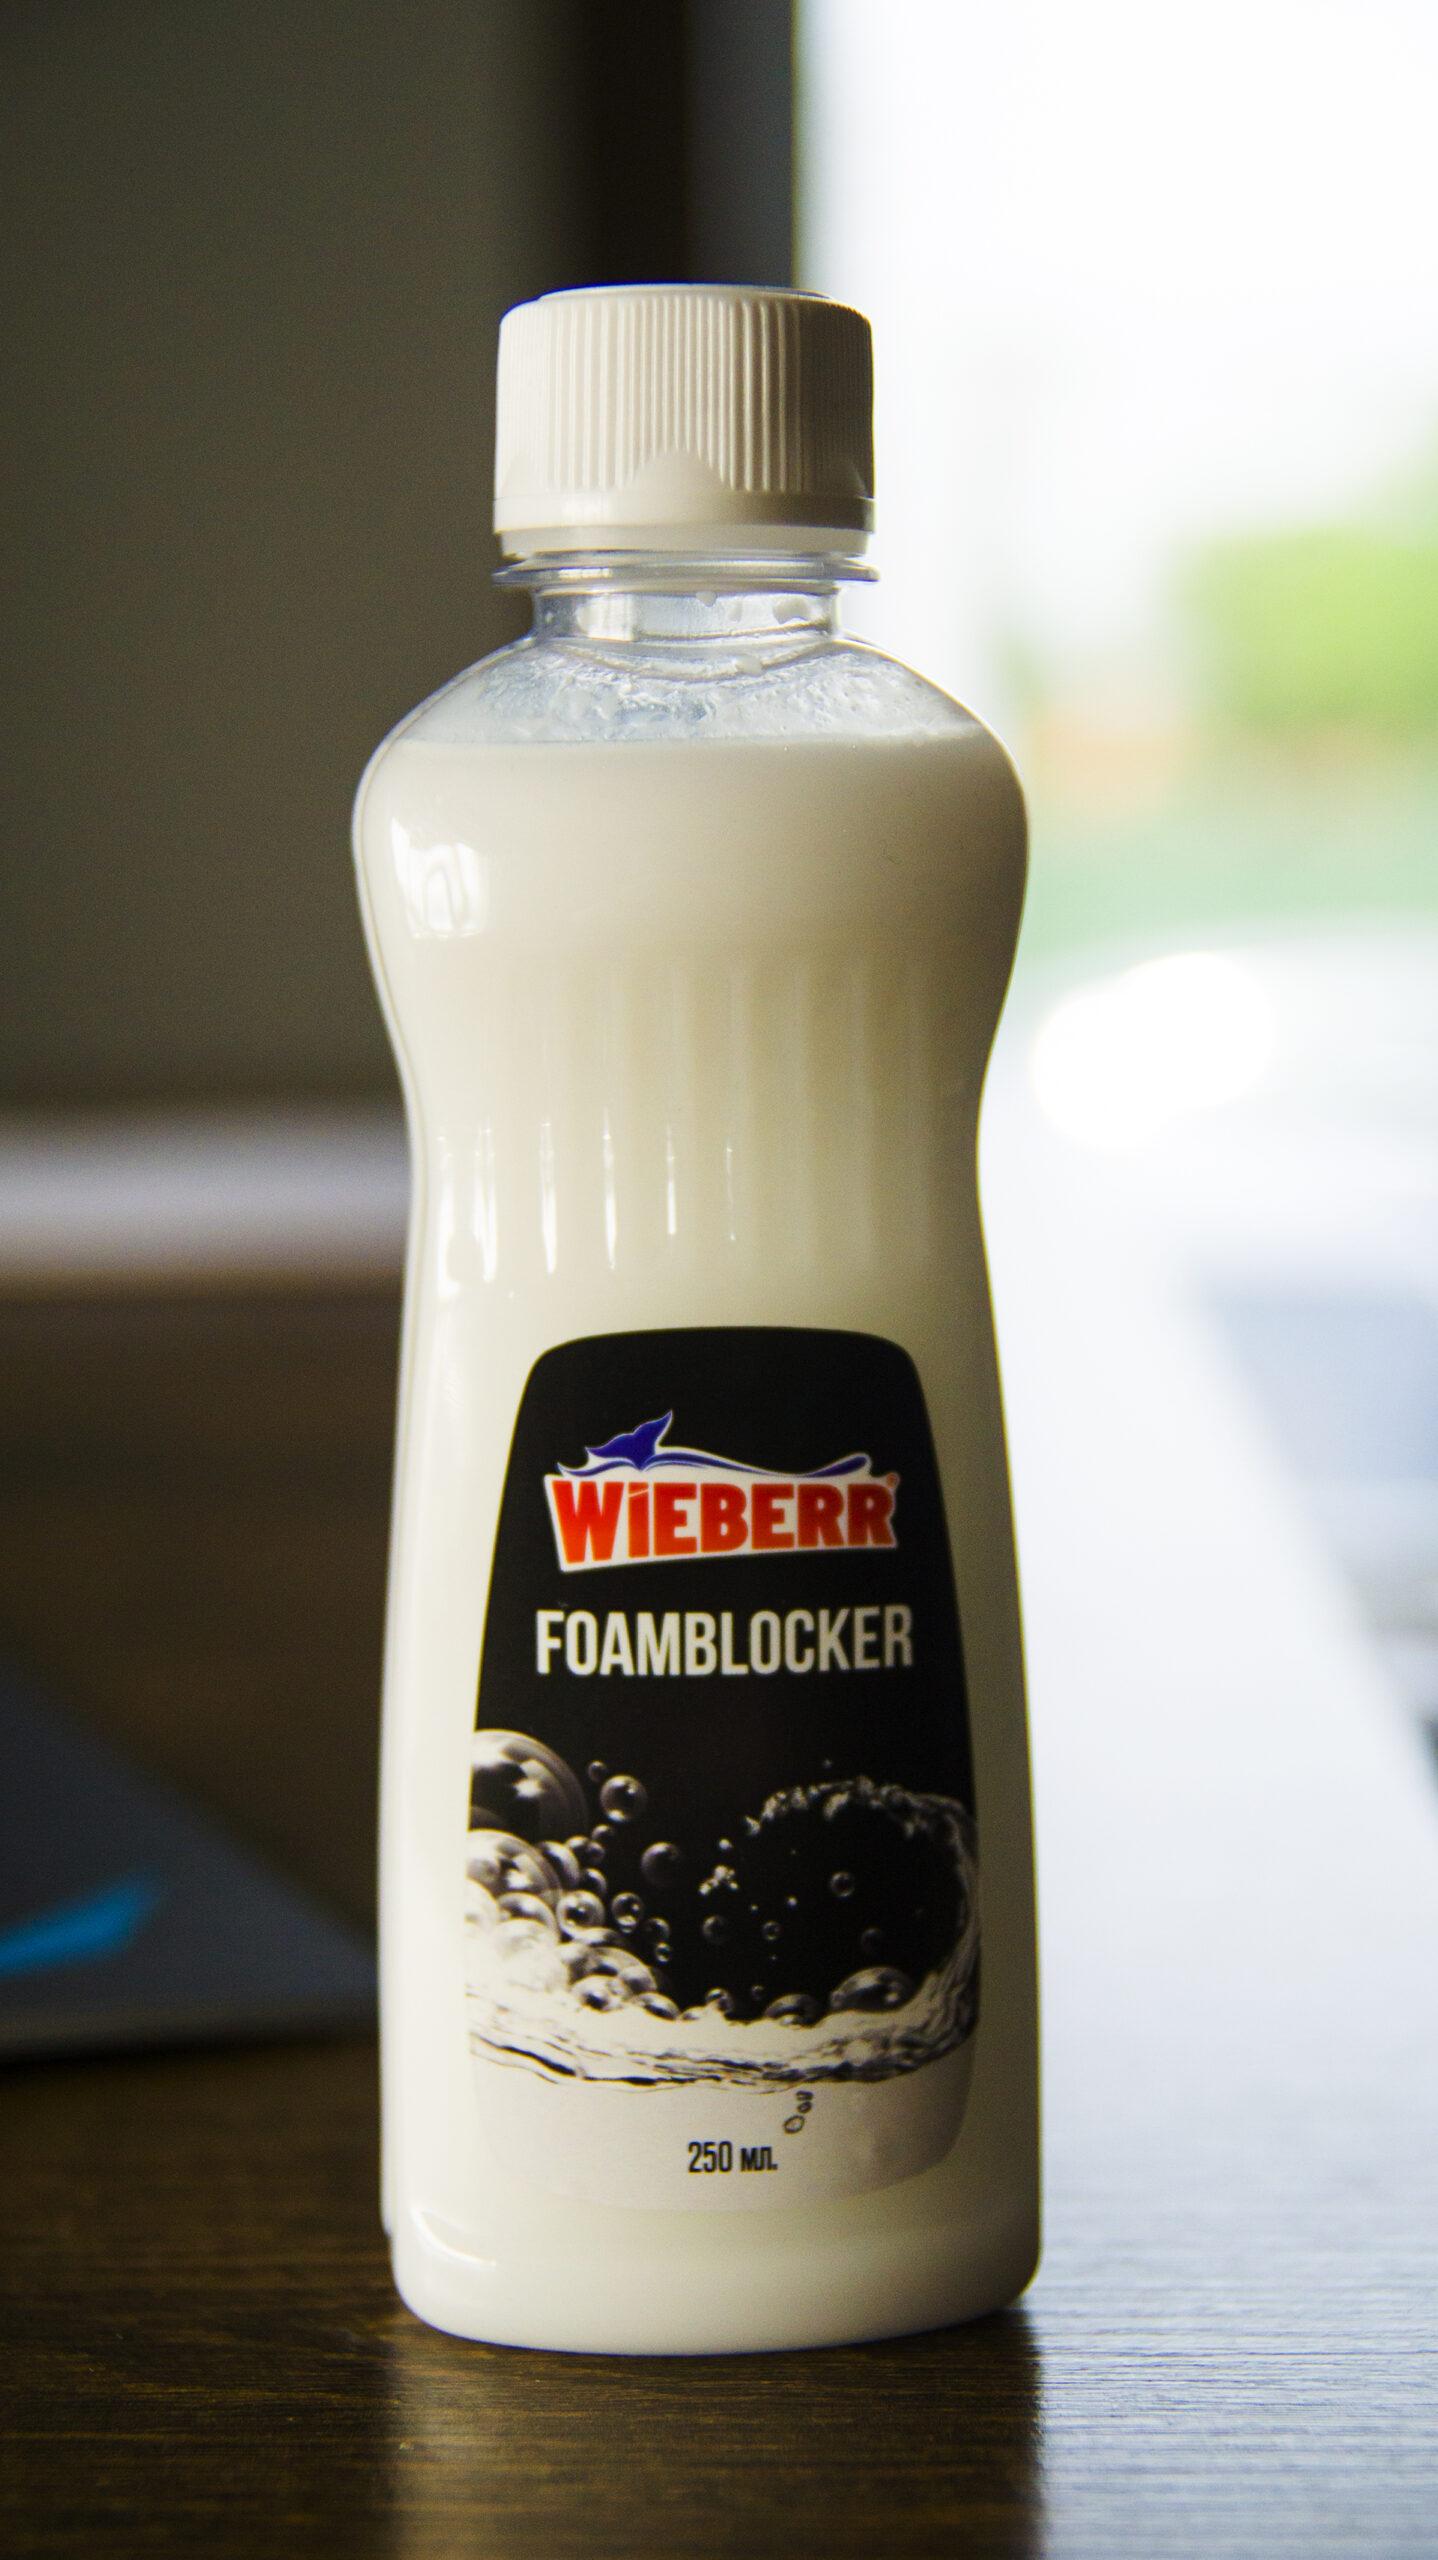 Foamblocker